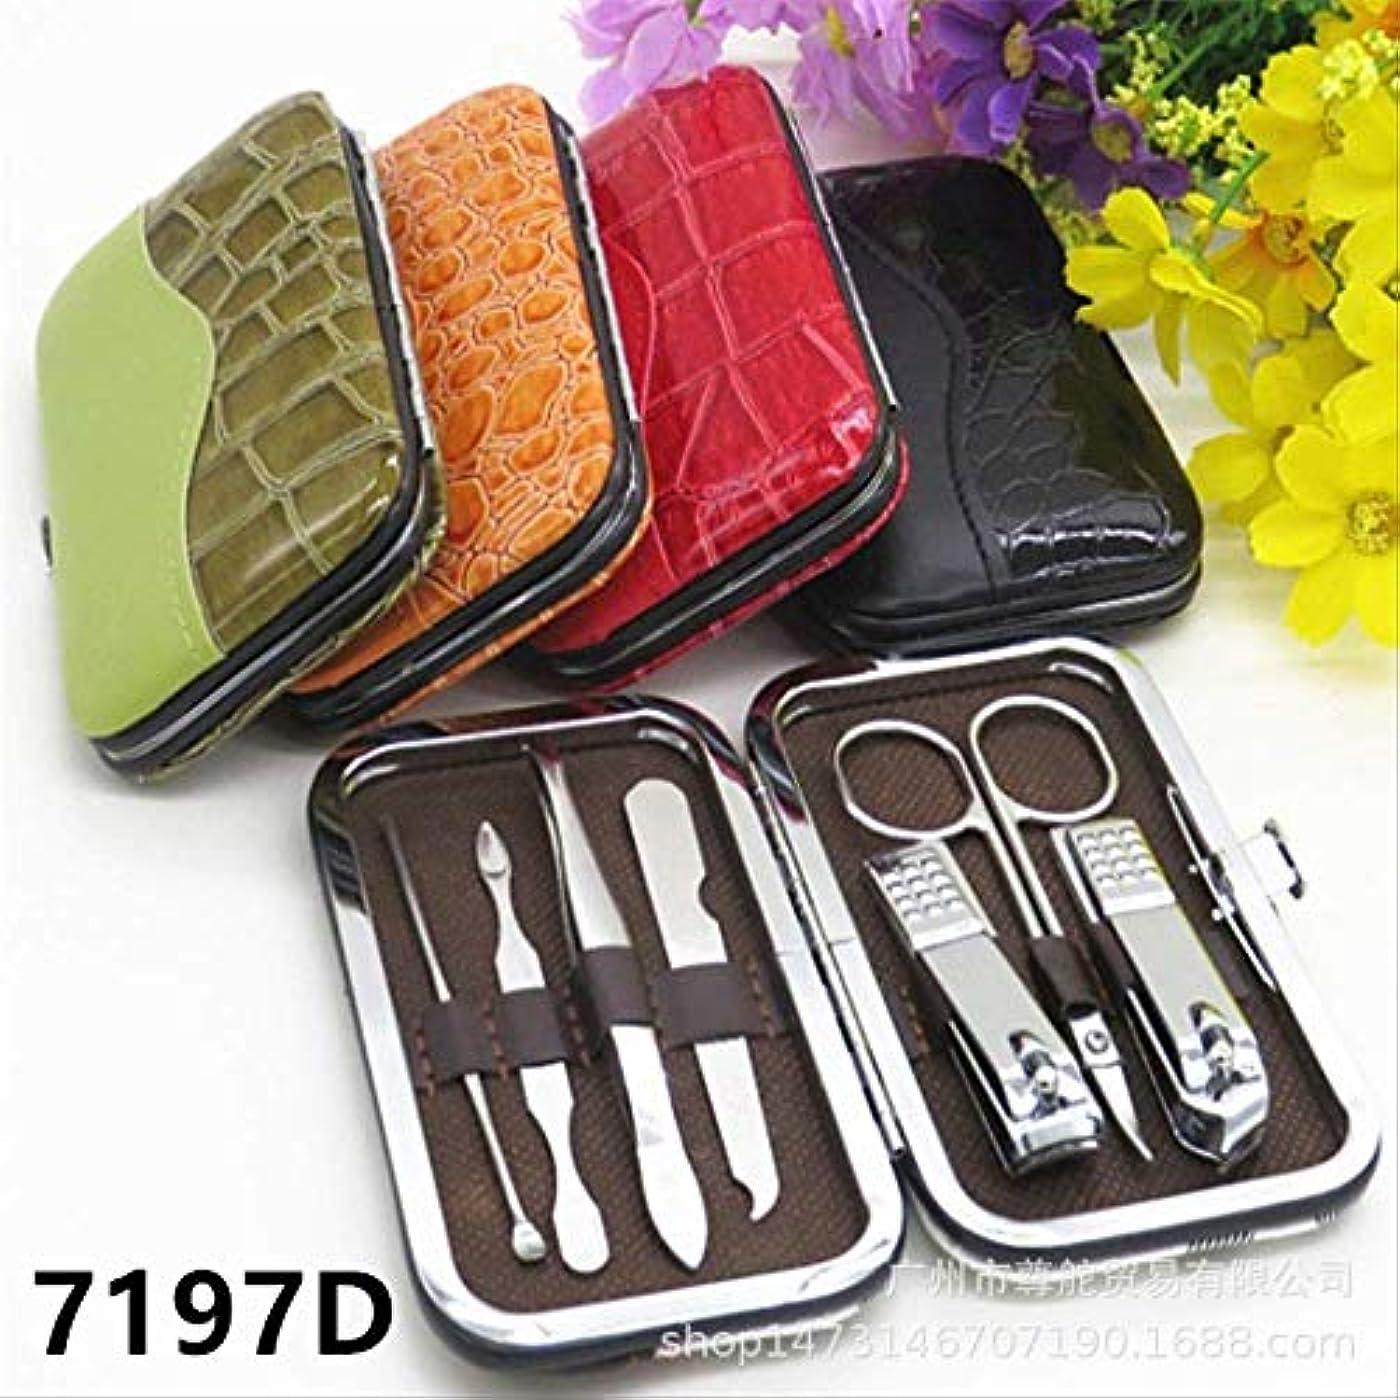 大使トランペット提案する爪切りセット16ピースペディキュアナイフ美容プライヤー爪ツール 7197D